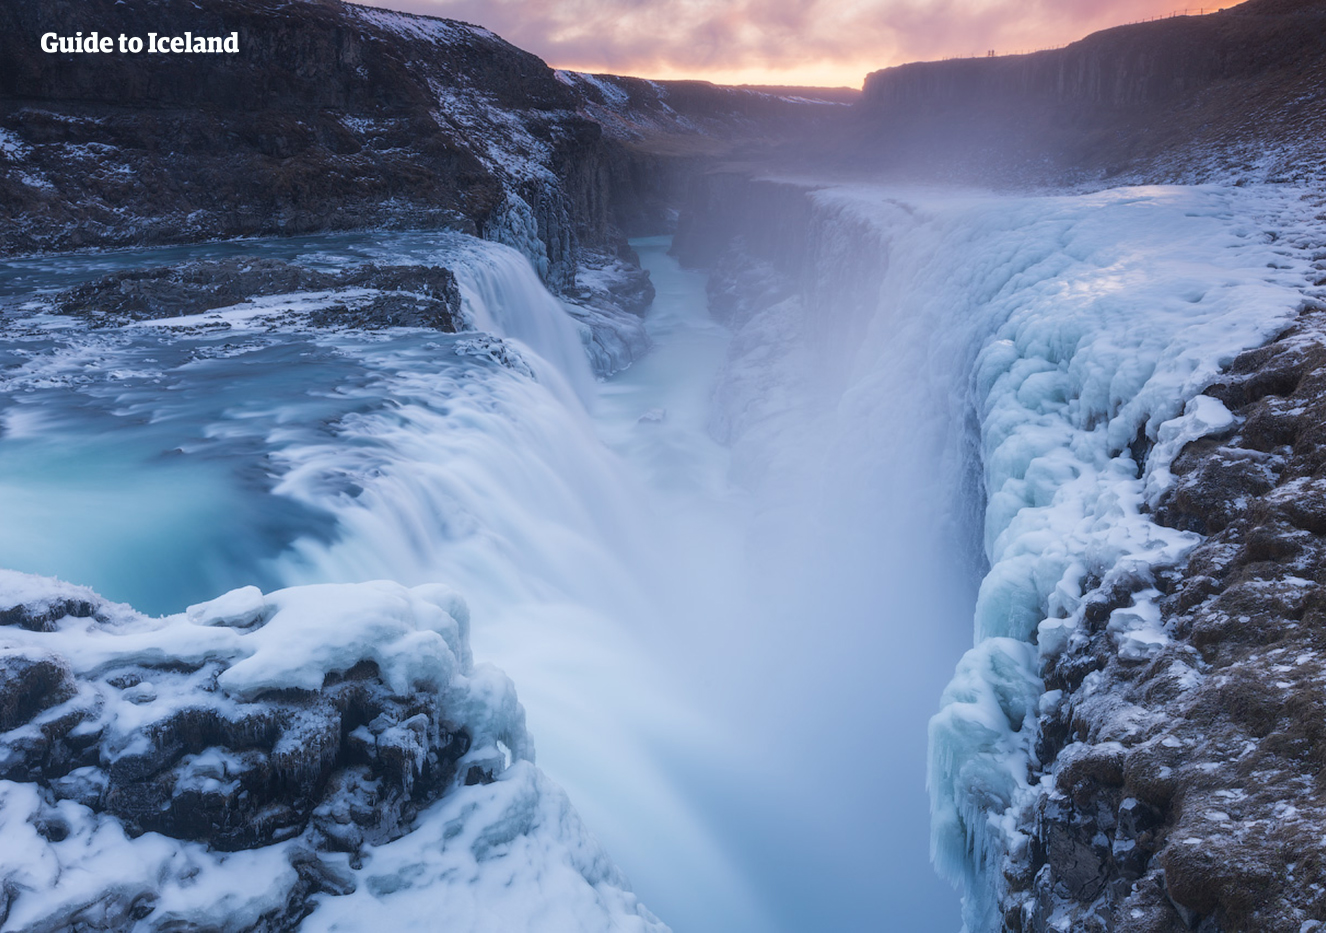 Moc i piękno opisują wodospad Gullfoss, znajdujący się na trasie Złotego Kręgu.